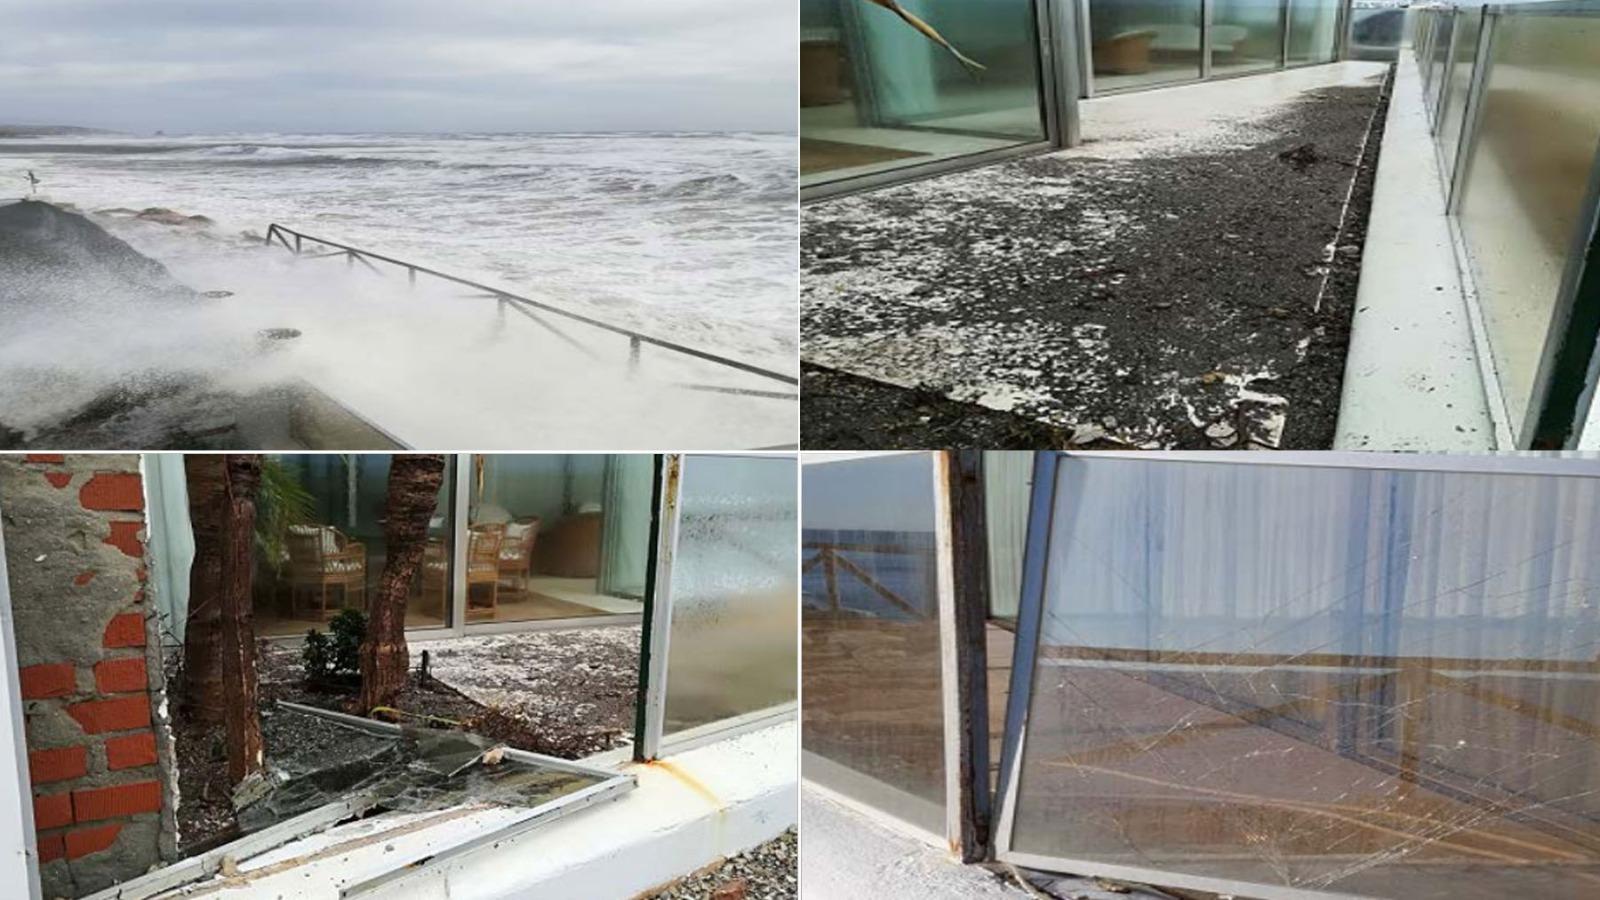 El crimen ecológico de Sotogrande pone en peligro el litoral: su playa es la más erosionada de Andalucía.